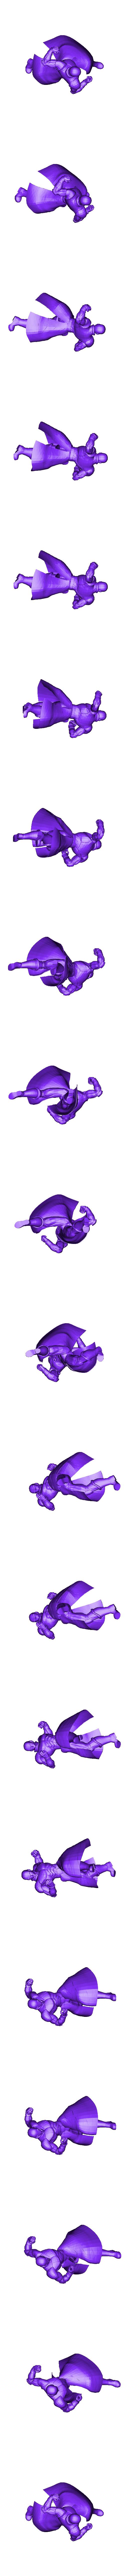 taunt - Copy.stl Descargar archivo STL Golpea el modelo super 3D de Dragon Ball • Objeto imprimible en 3D, lmhoangptit